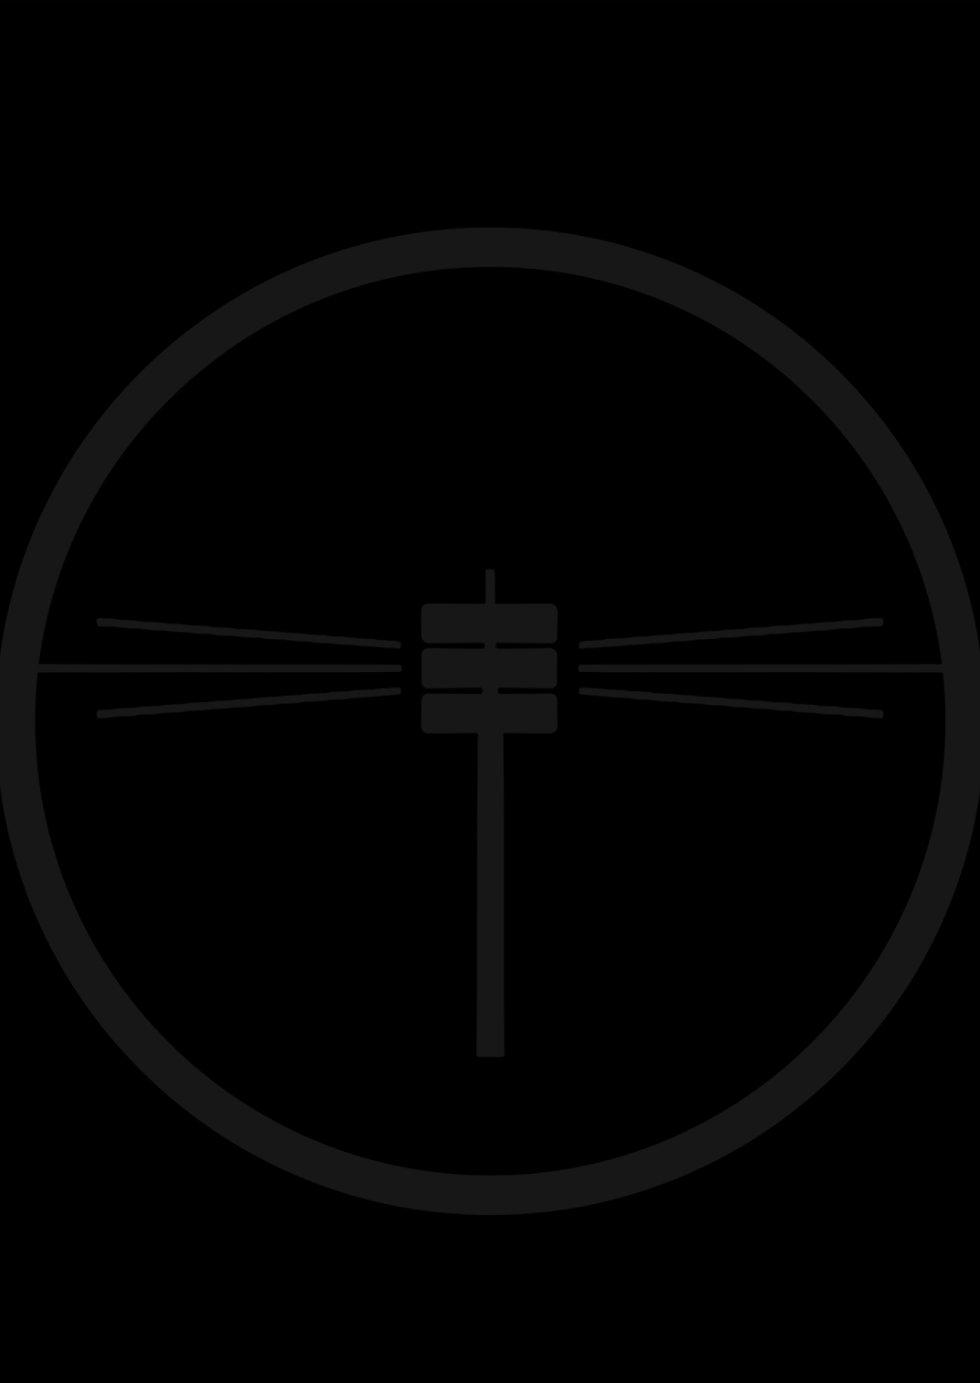 Bandlogo_grey_hp.jpg